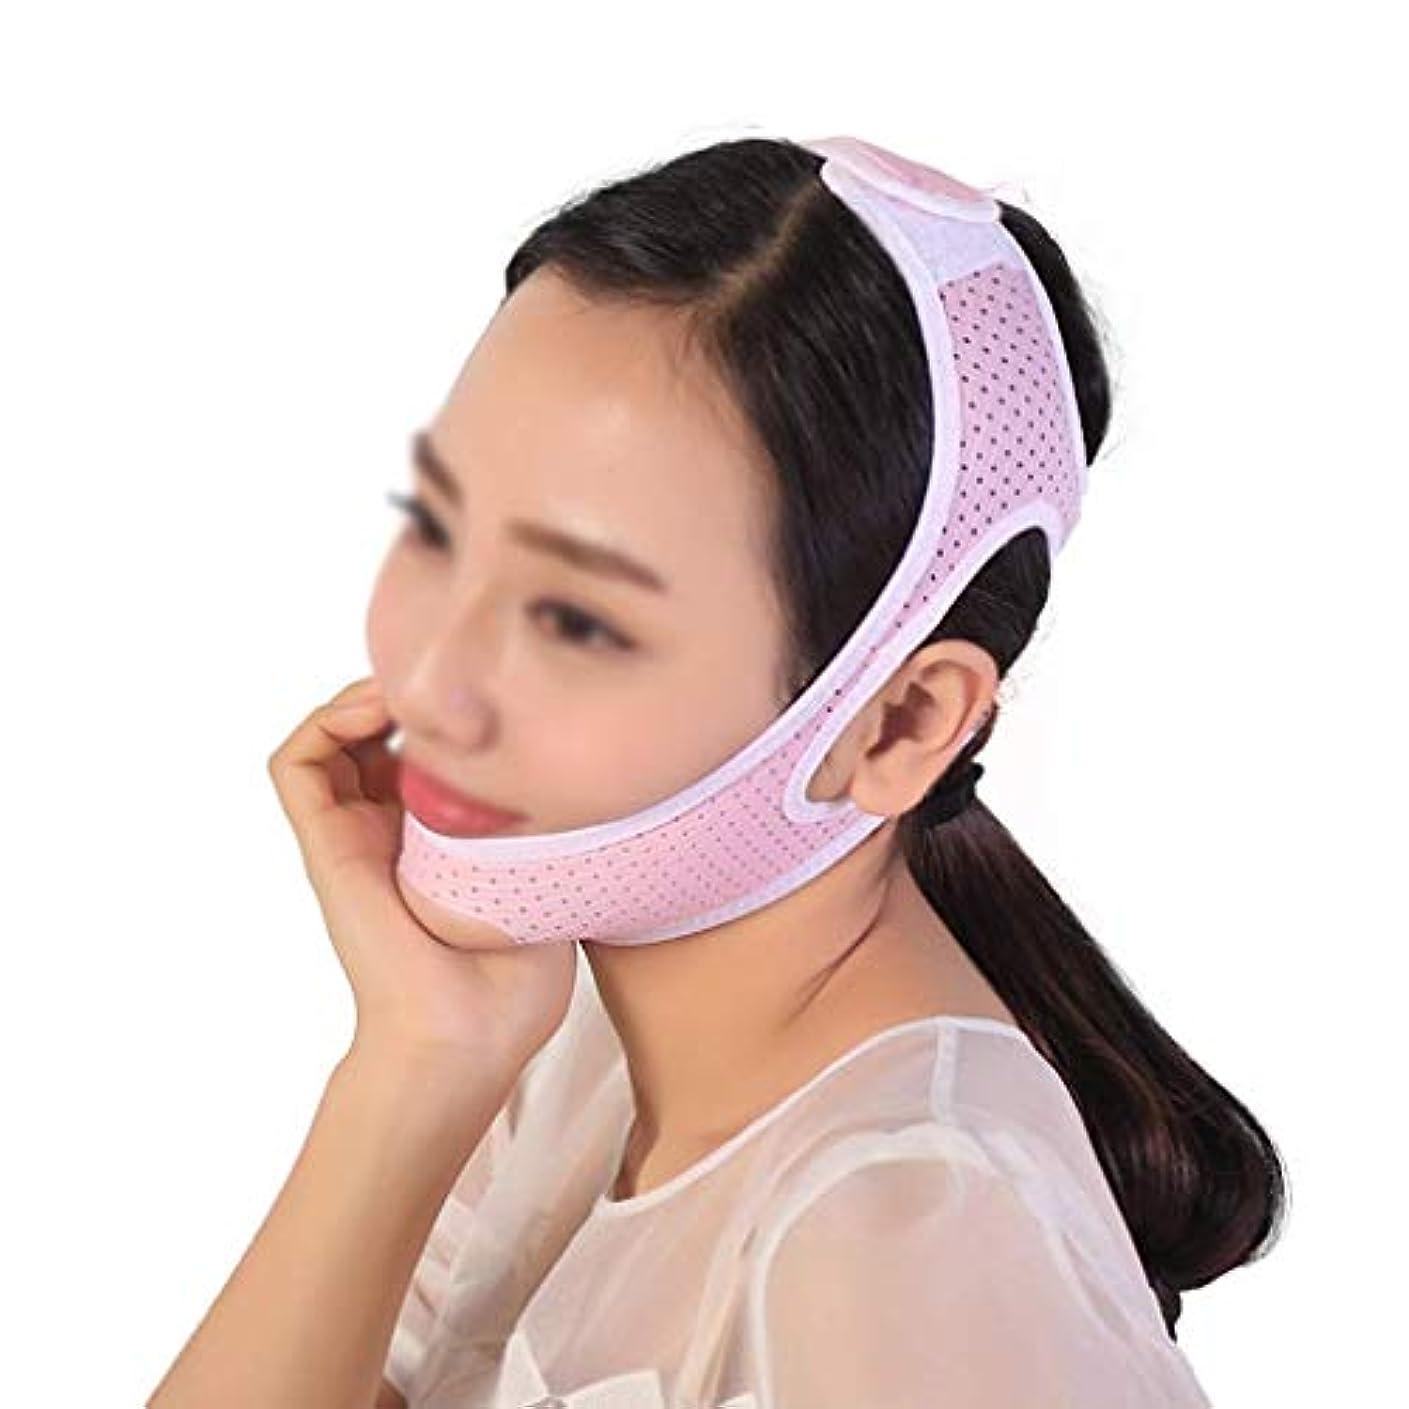 リングレット赤ちゃん法医学フェイスリフトマスク、顔の皮膚の首のあごのラインを改善、リフトフェイス、細い頬マスク、細いチンチーク細いV(ピンク)(サイズ:M),M